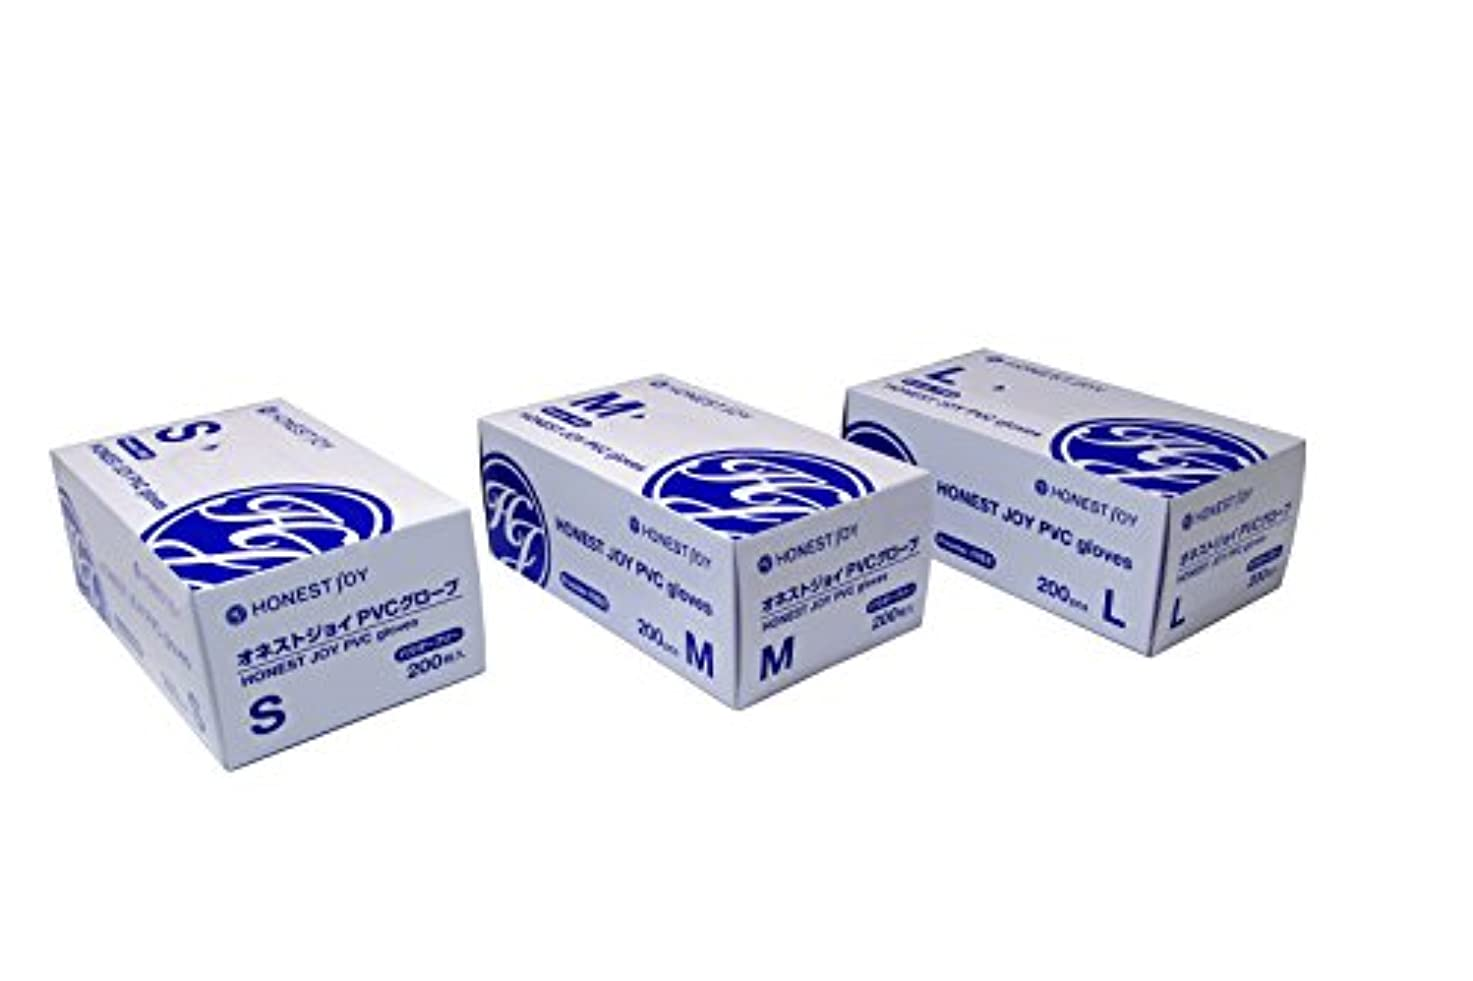 シチリア睡眠複数オネストジョイ PVC グローブ パウダーフリー Lサイズ 1箱200枚入り